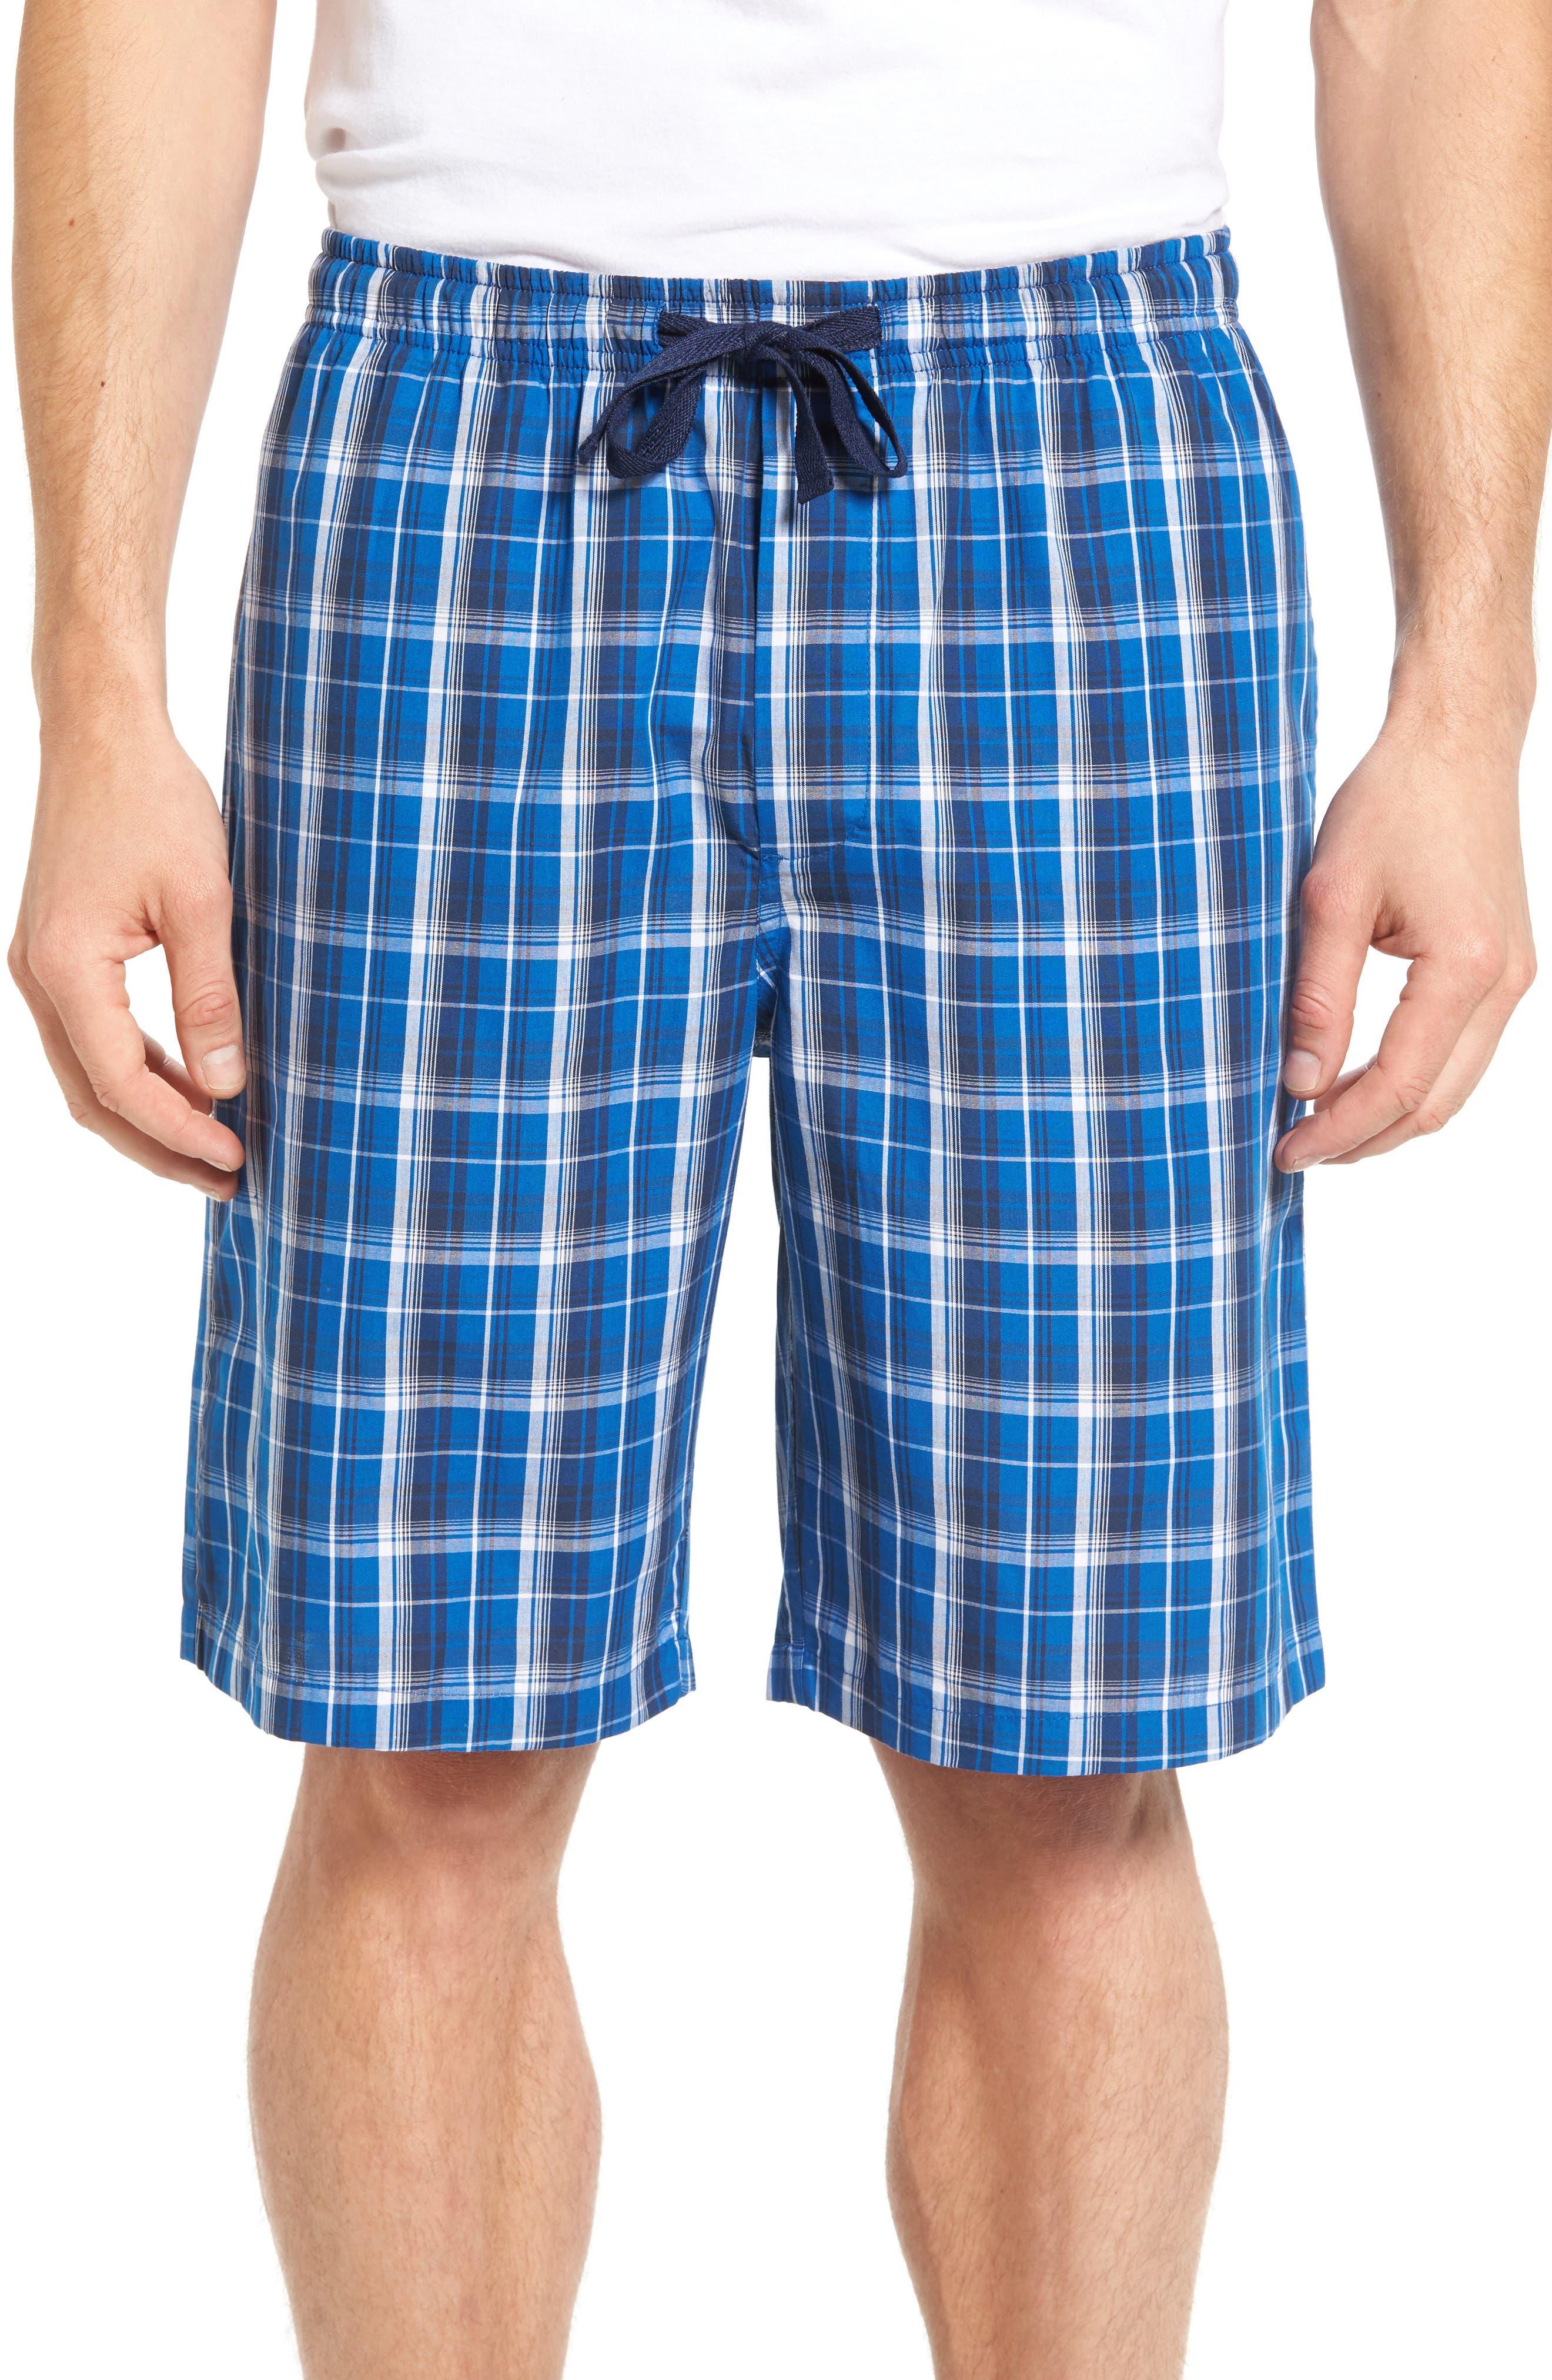 NORDSTROM MENS SHOP Poplin Lounge Shorts